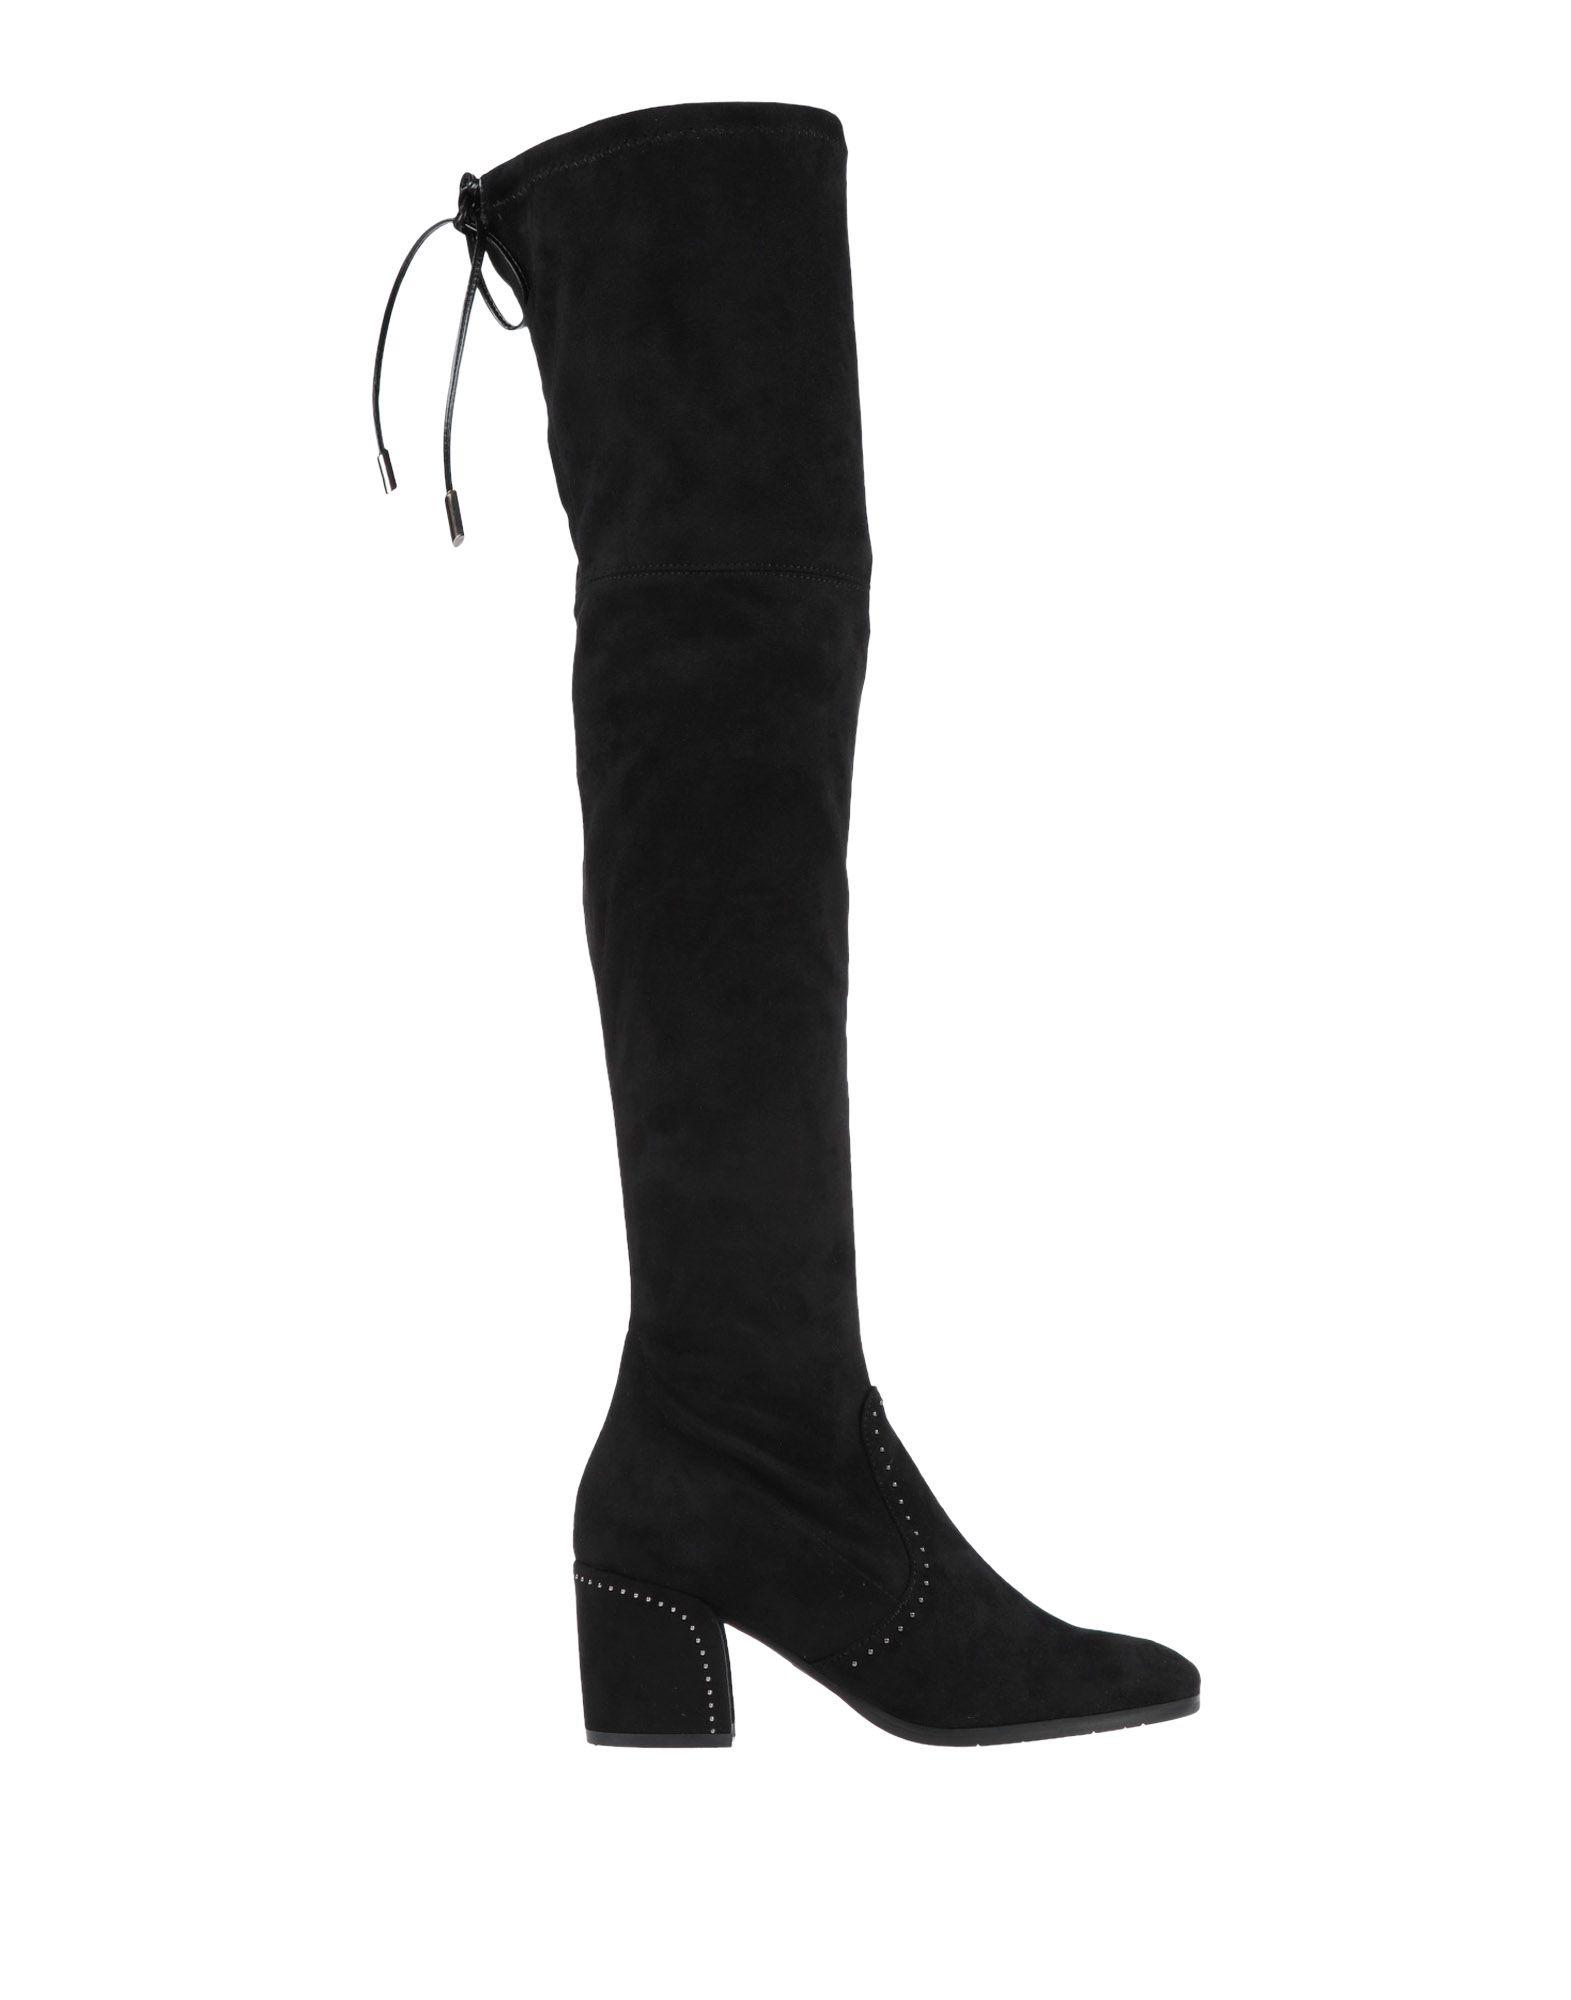 Moda Stivali Eglantine Donna - 11519339CF